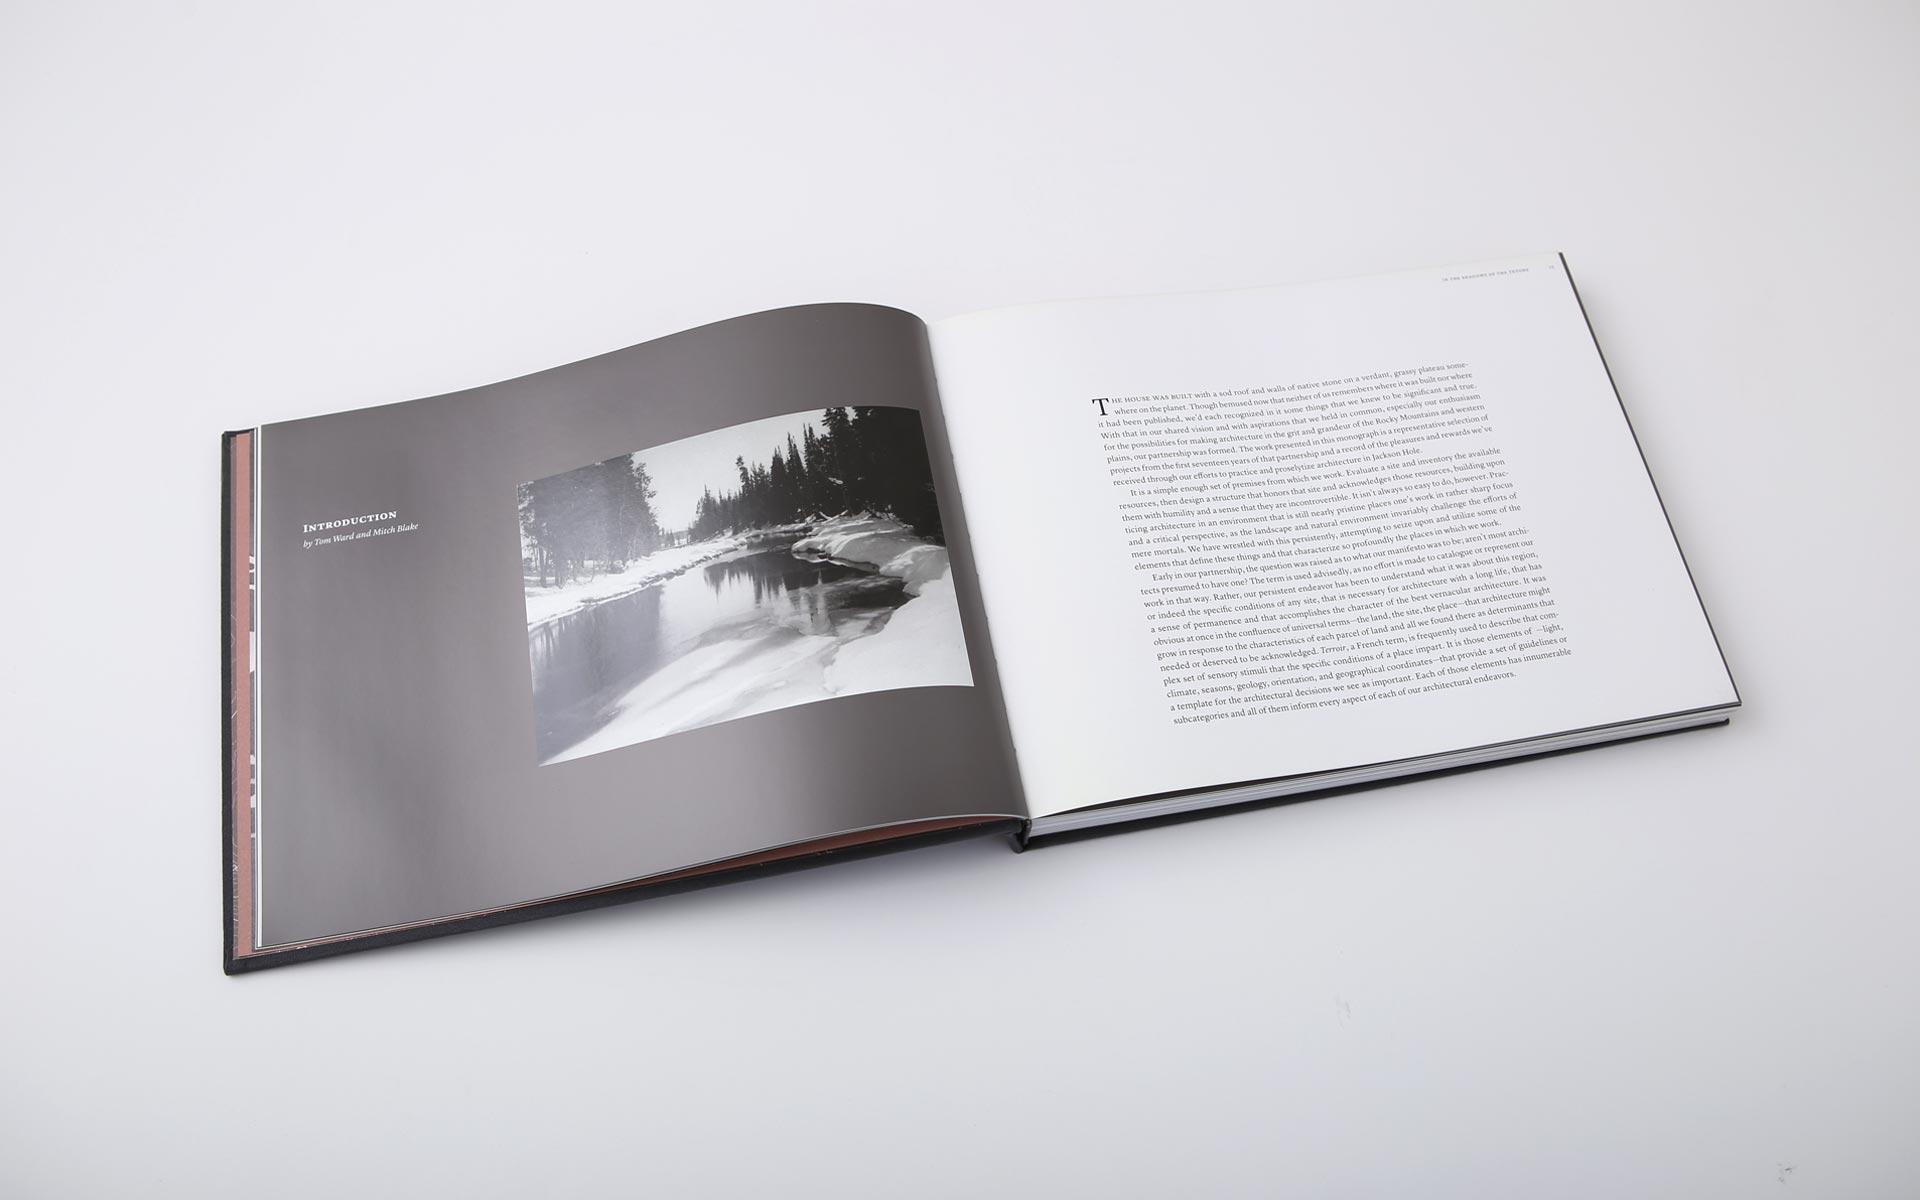 ward-blake-architects-book-design-8